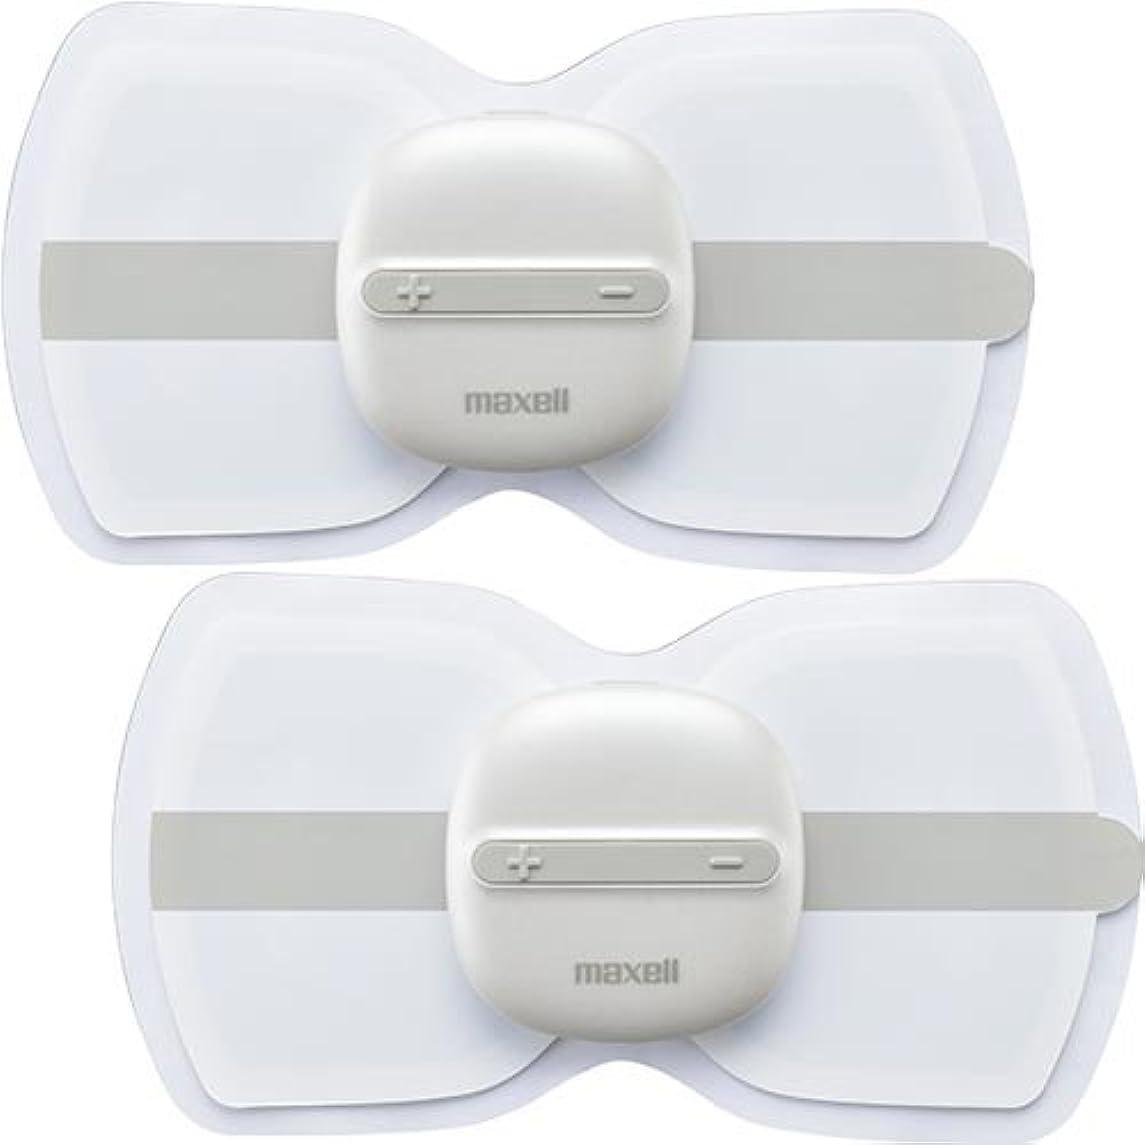 アーティスト洗剤知人日立マクセル(株) 低周波治療器 もみケア ホワイト×2個 MXTS-MR100W2P